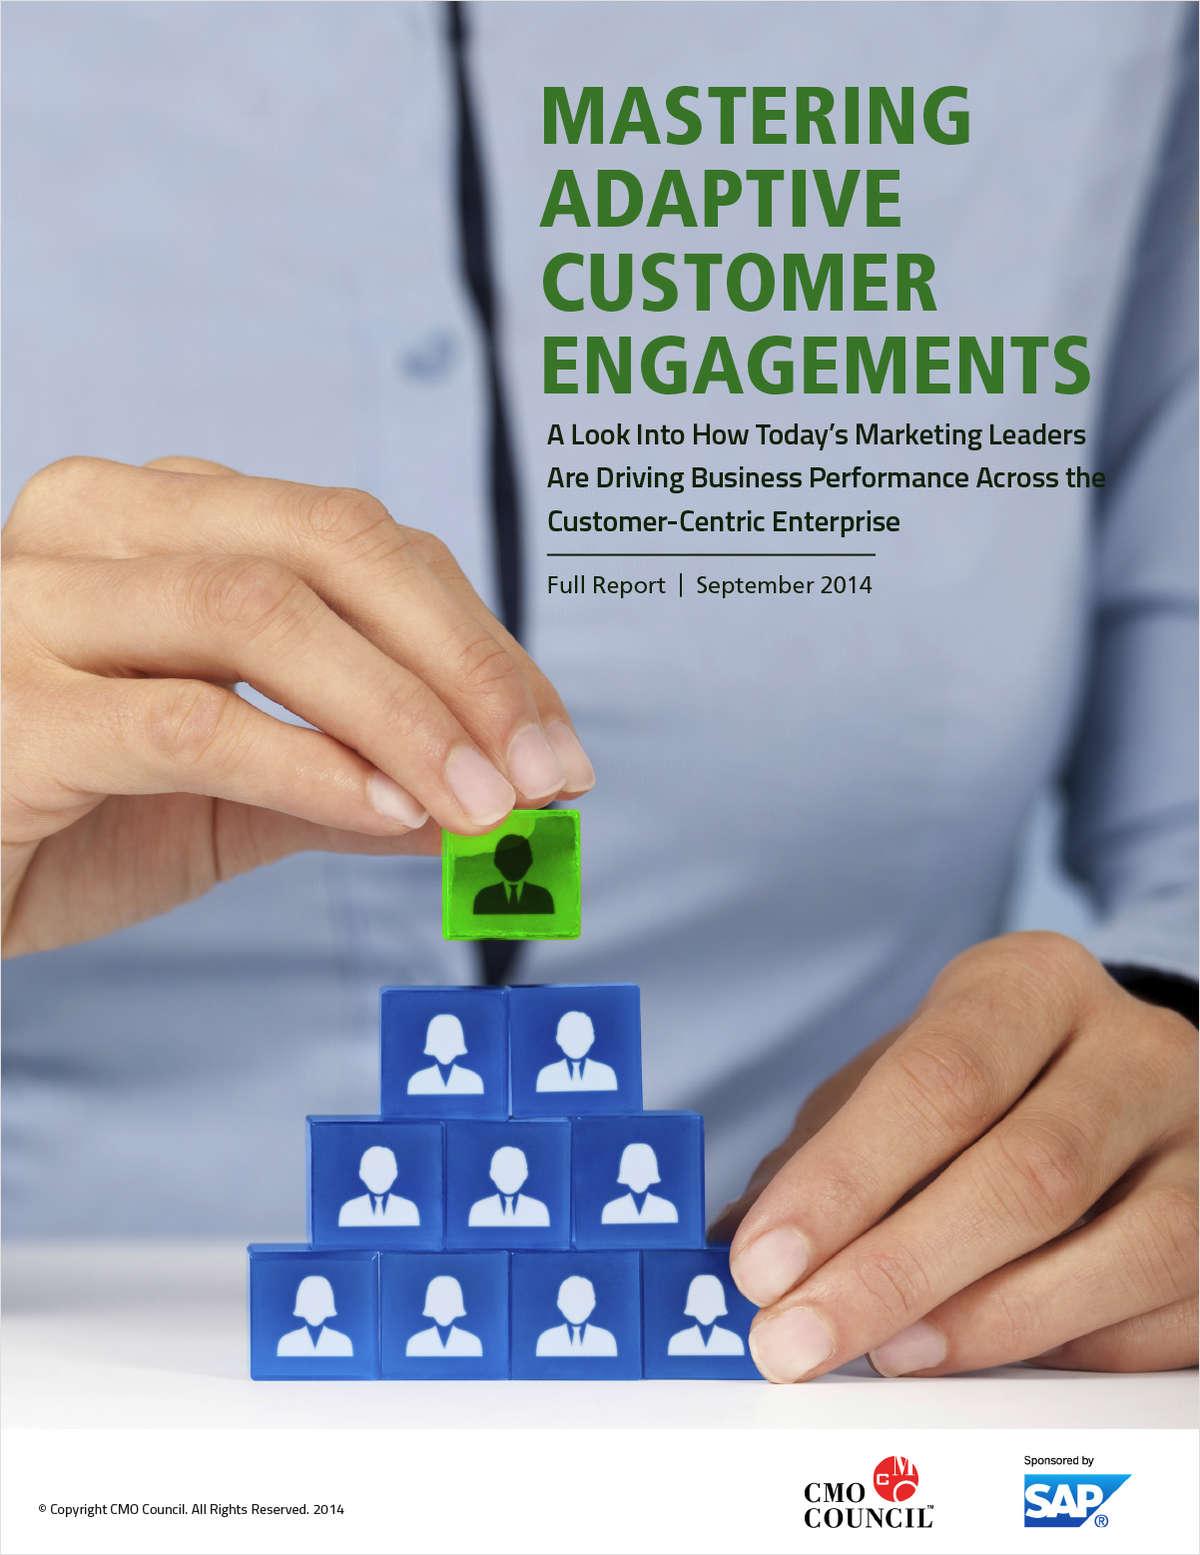 Mastering Adaptive Customer Engagements